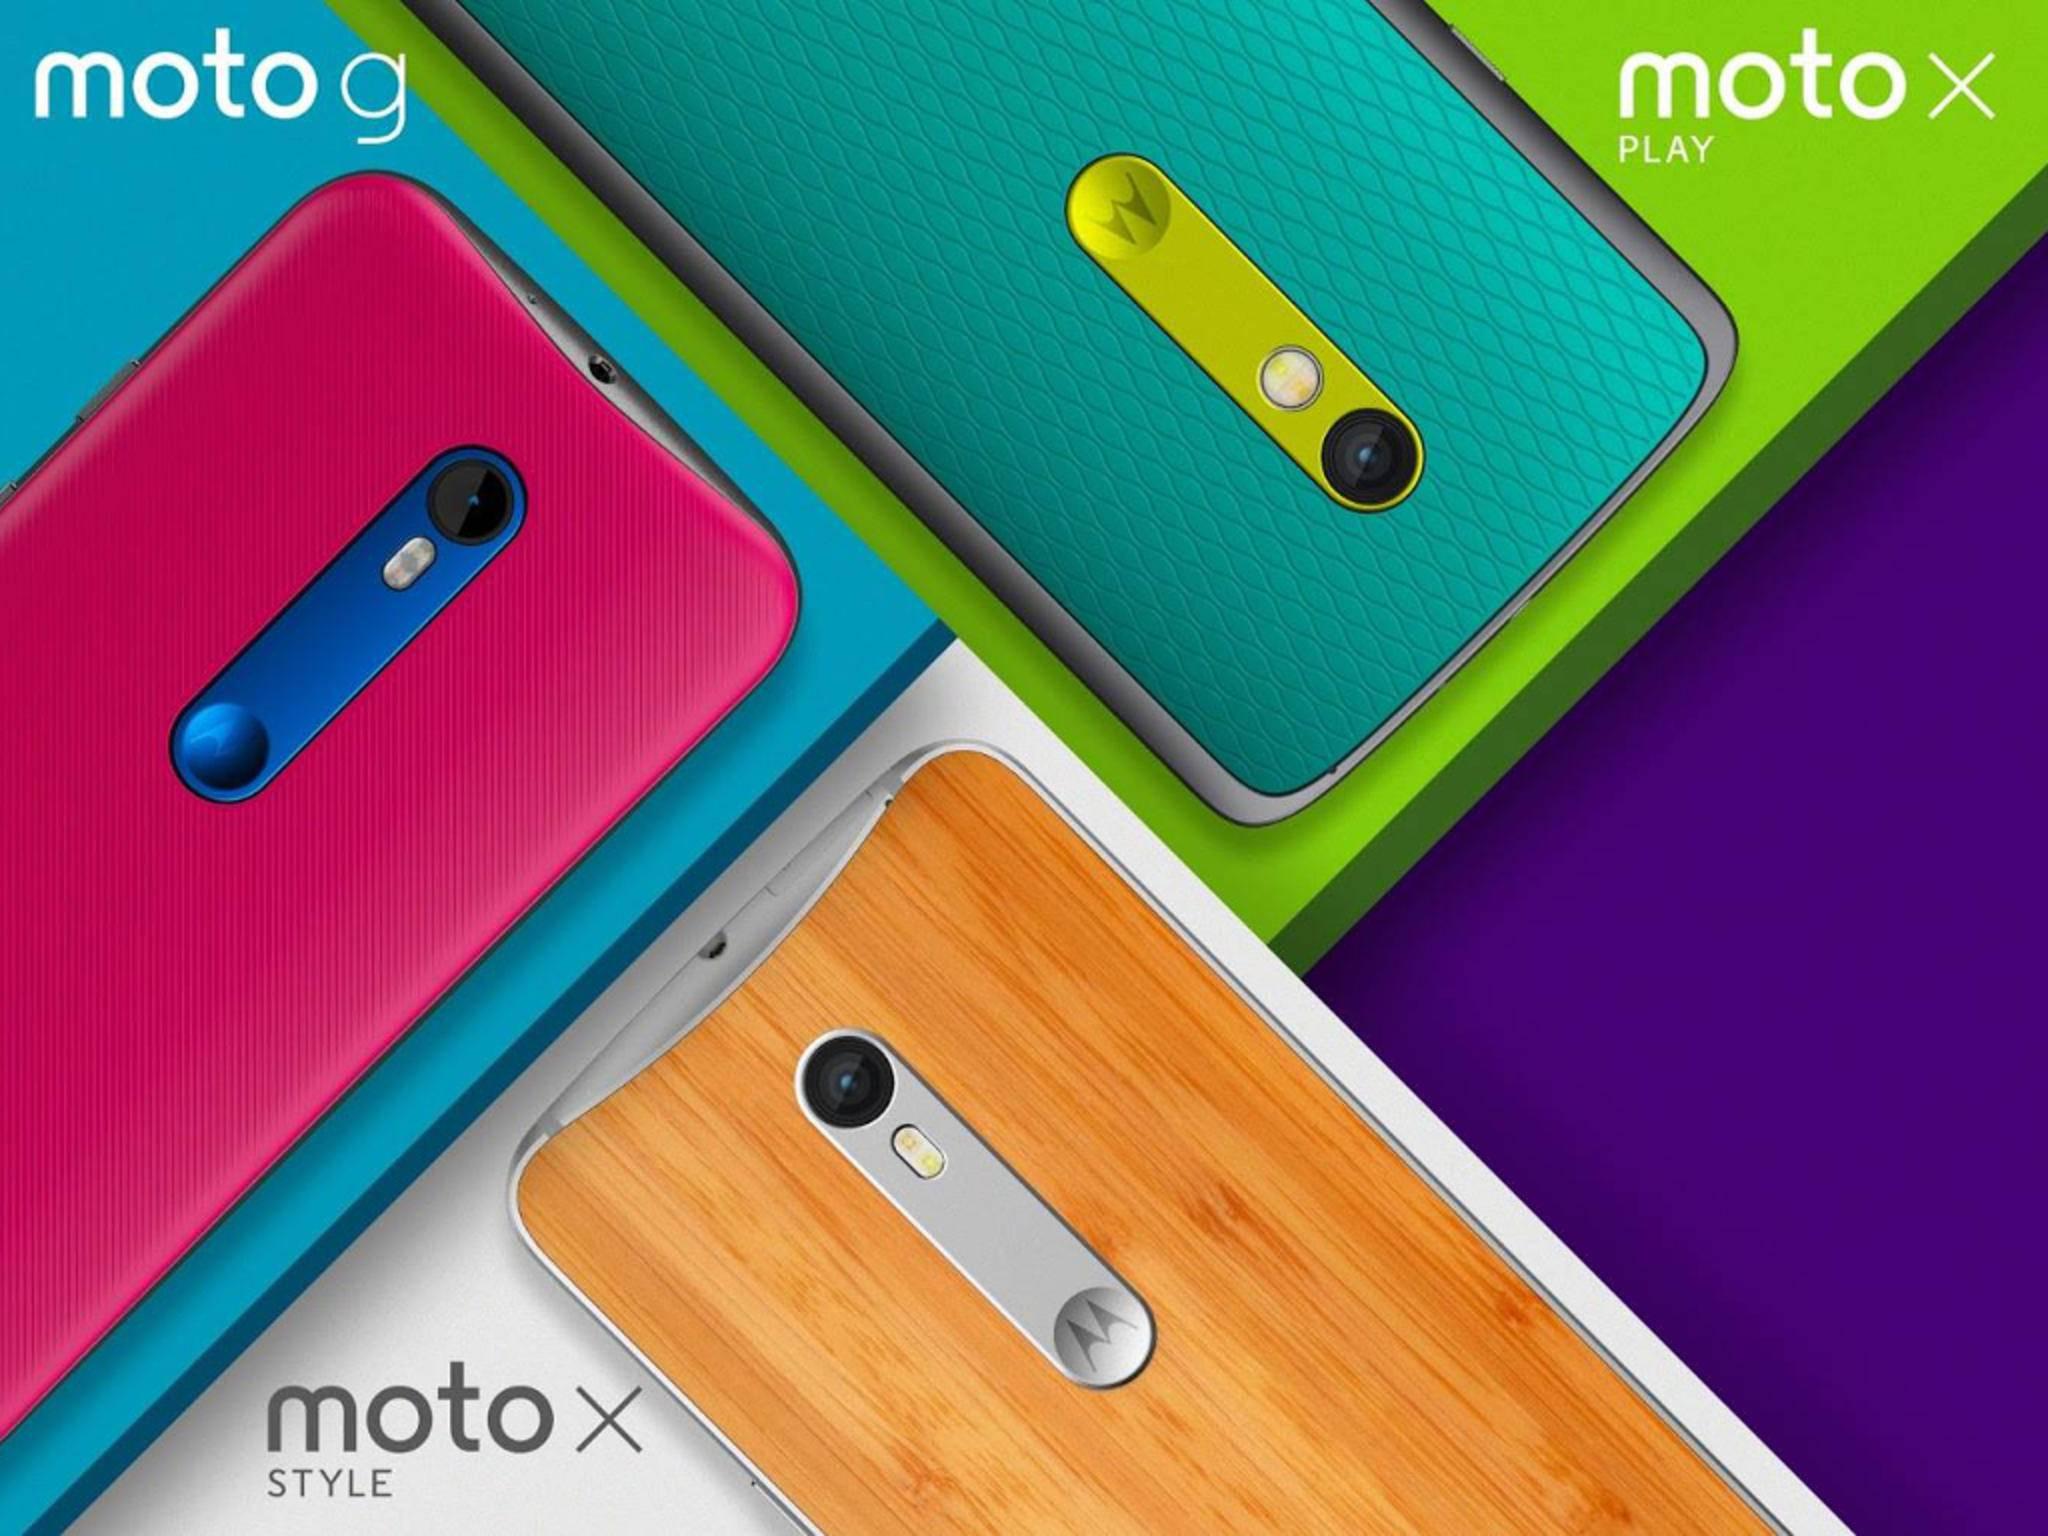 Motorola bringt gleich zwei neue Moto X auf den Markt.